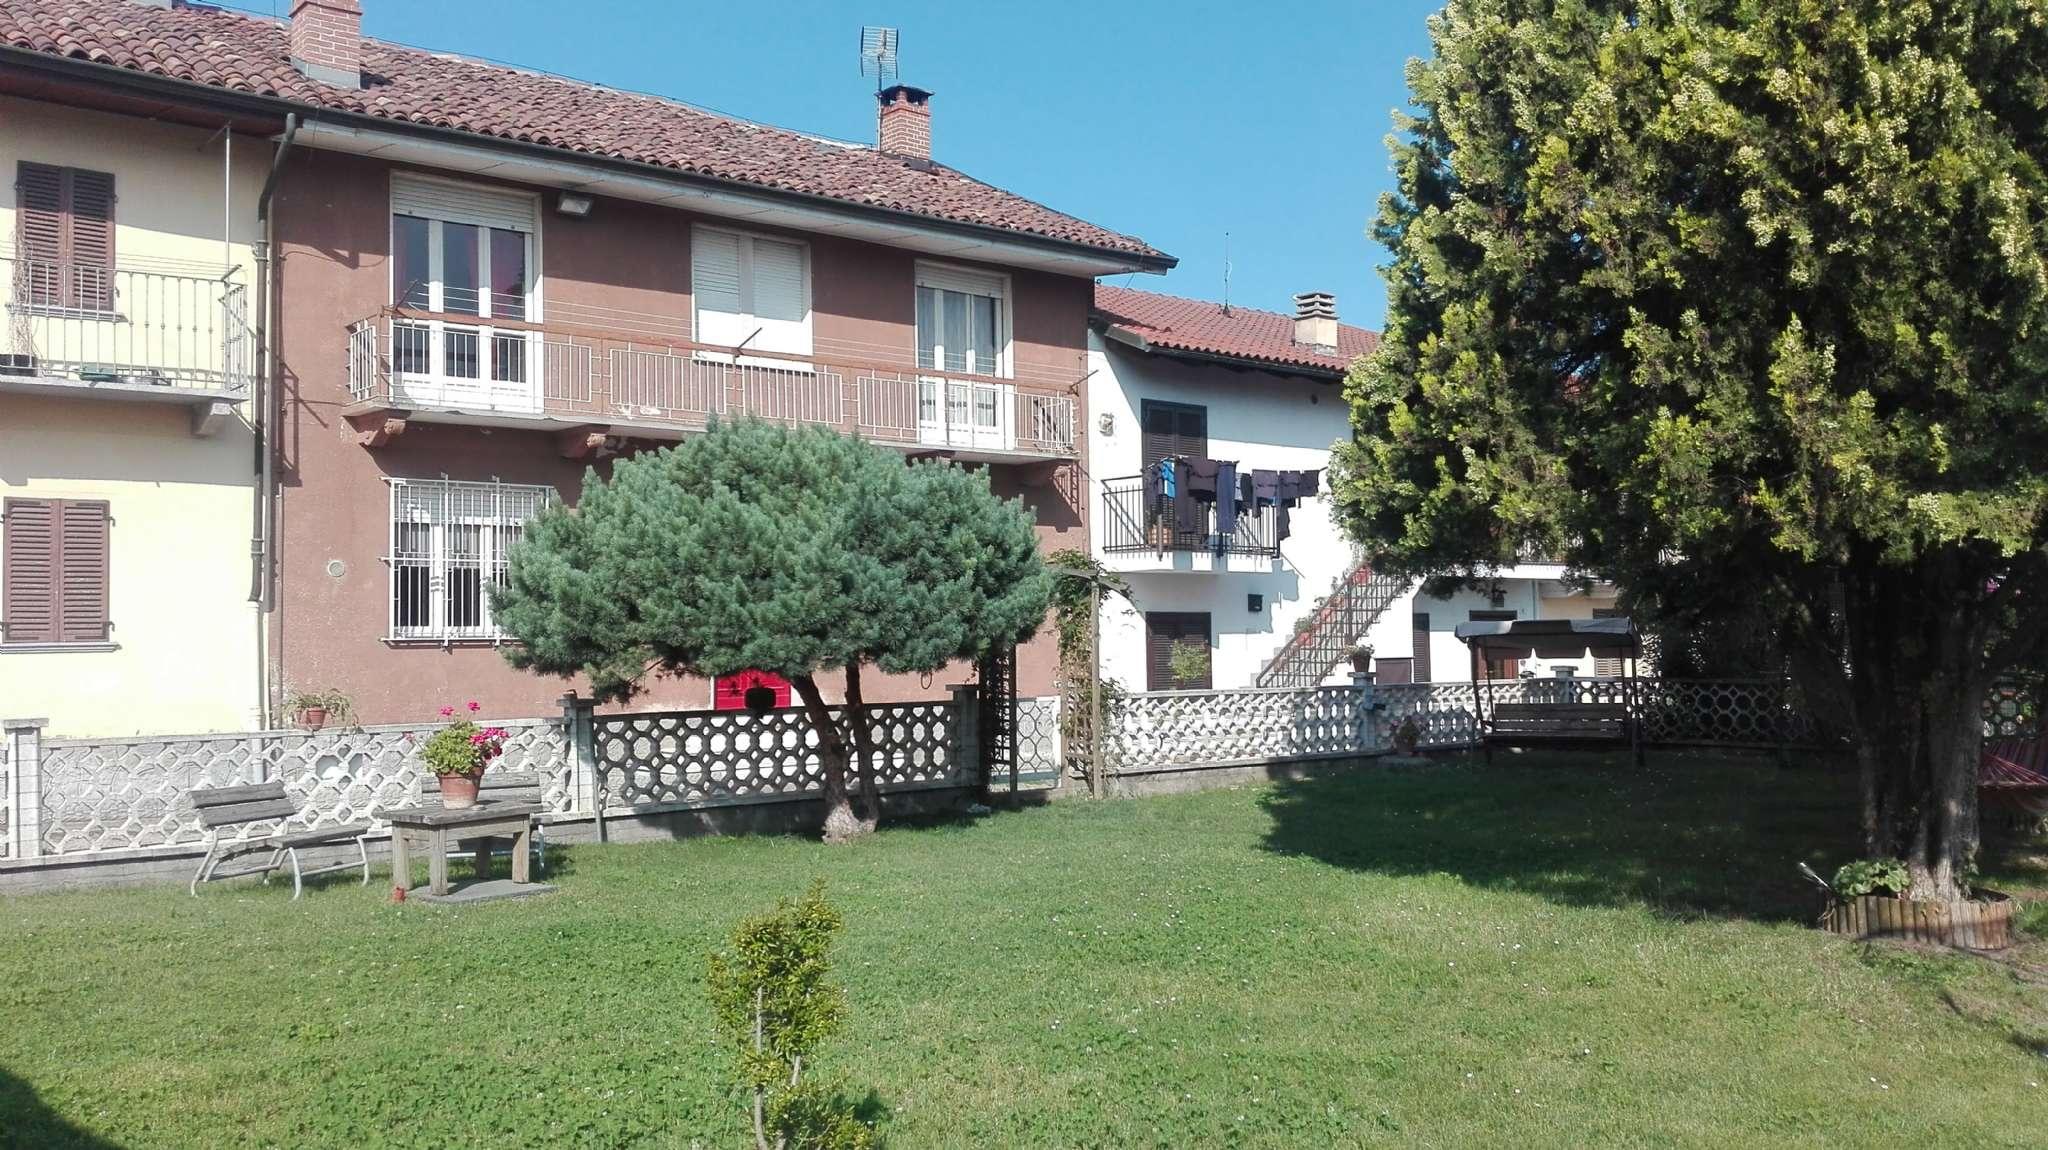 Soluzione Semindipendente in vendita a Montaldo Torinese, 7 locali, prezzo € 210.000   PortaleAgenzieImmobiliari.it